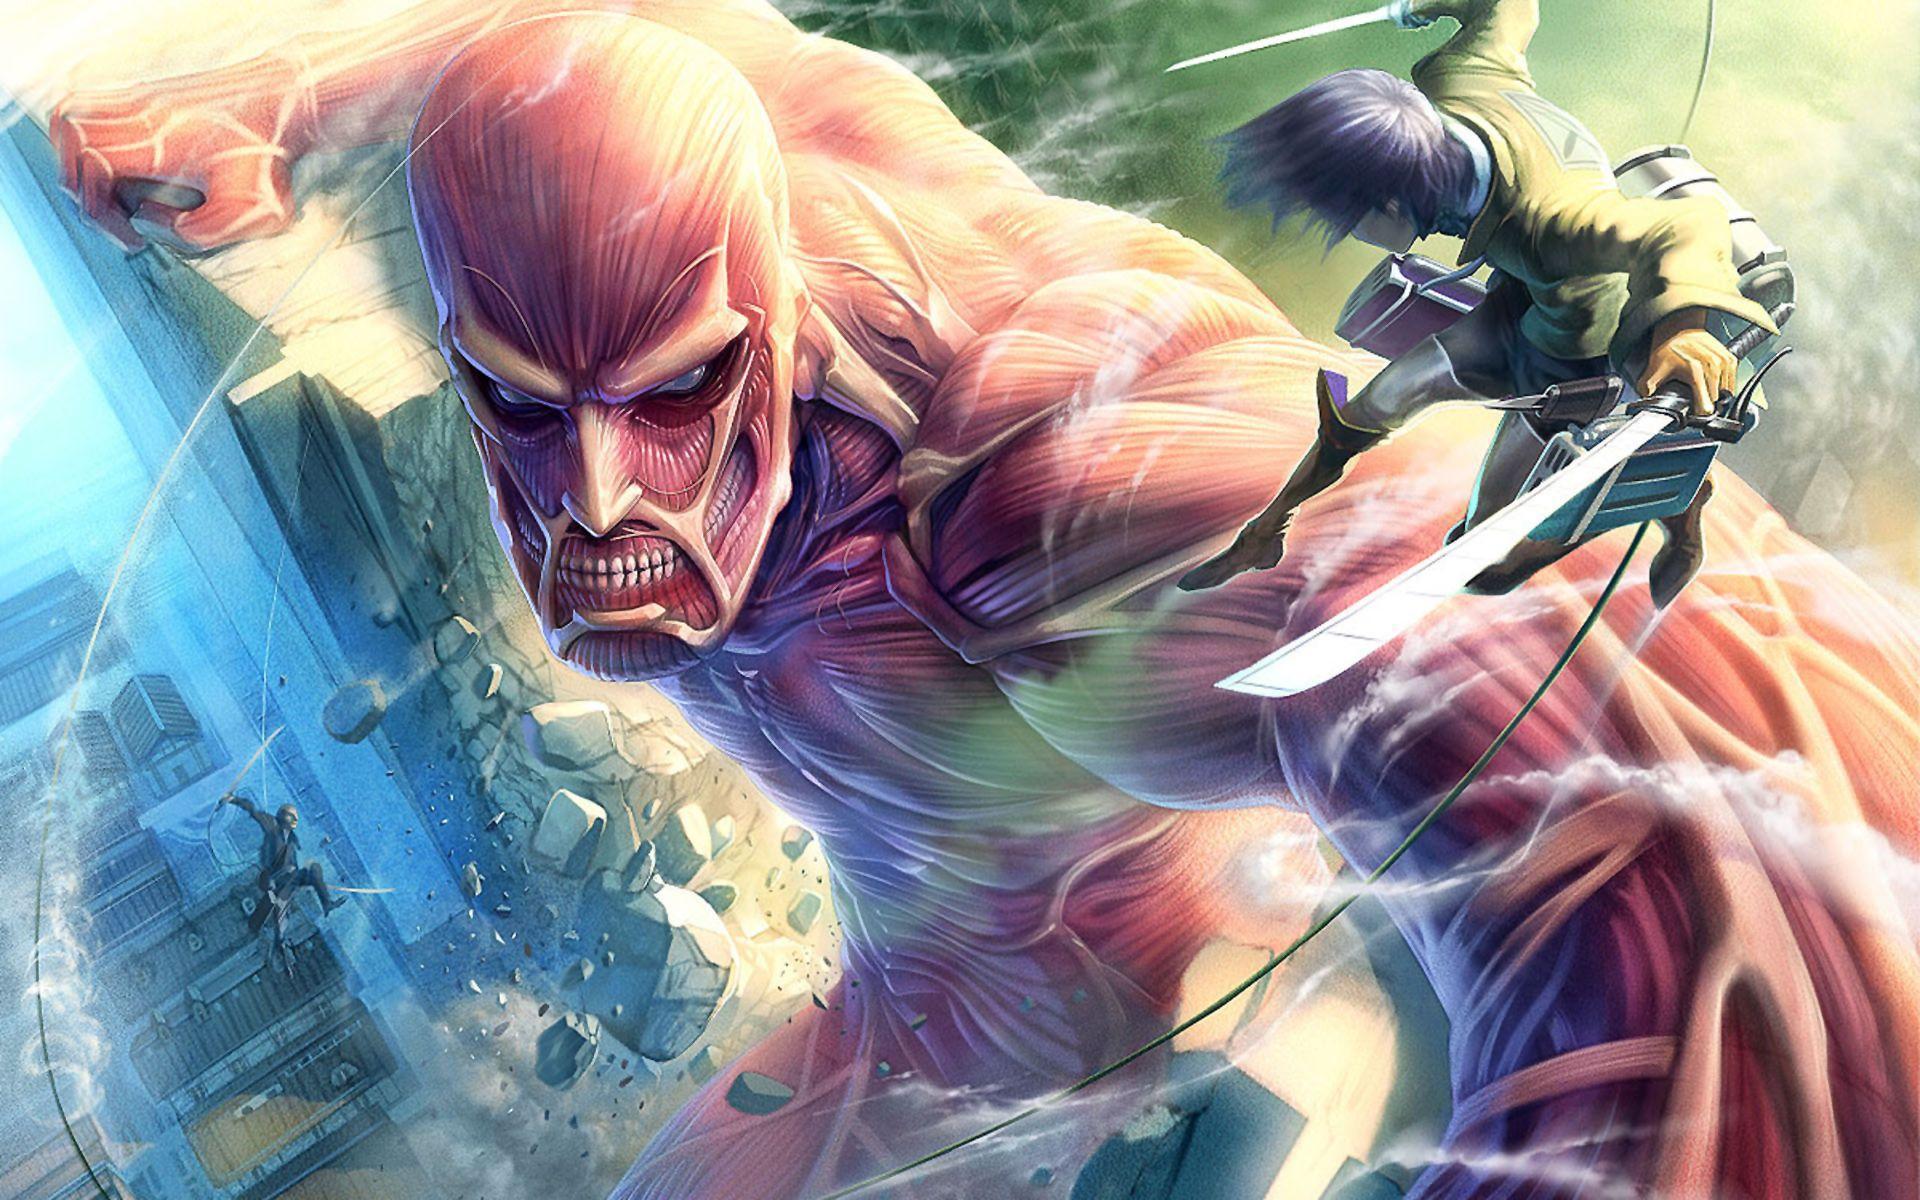 attack on titan wallpaper 4k